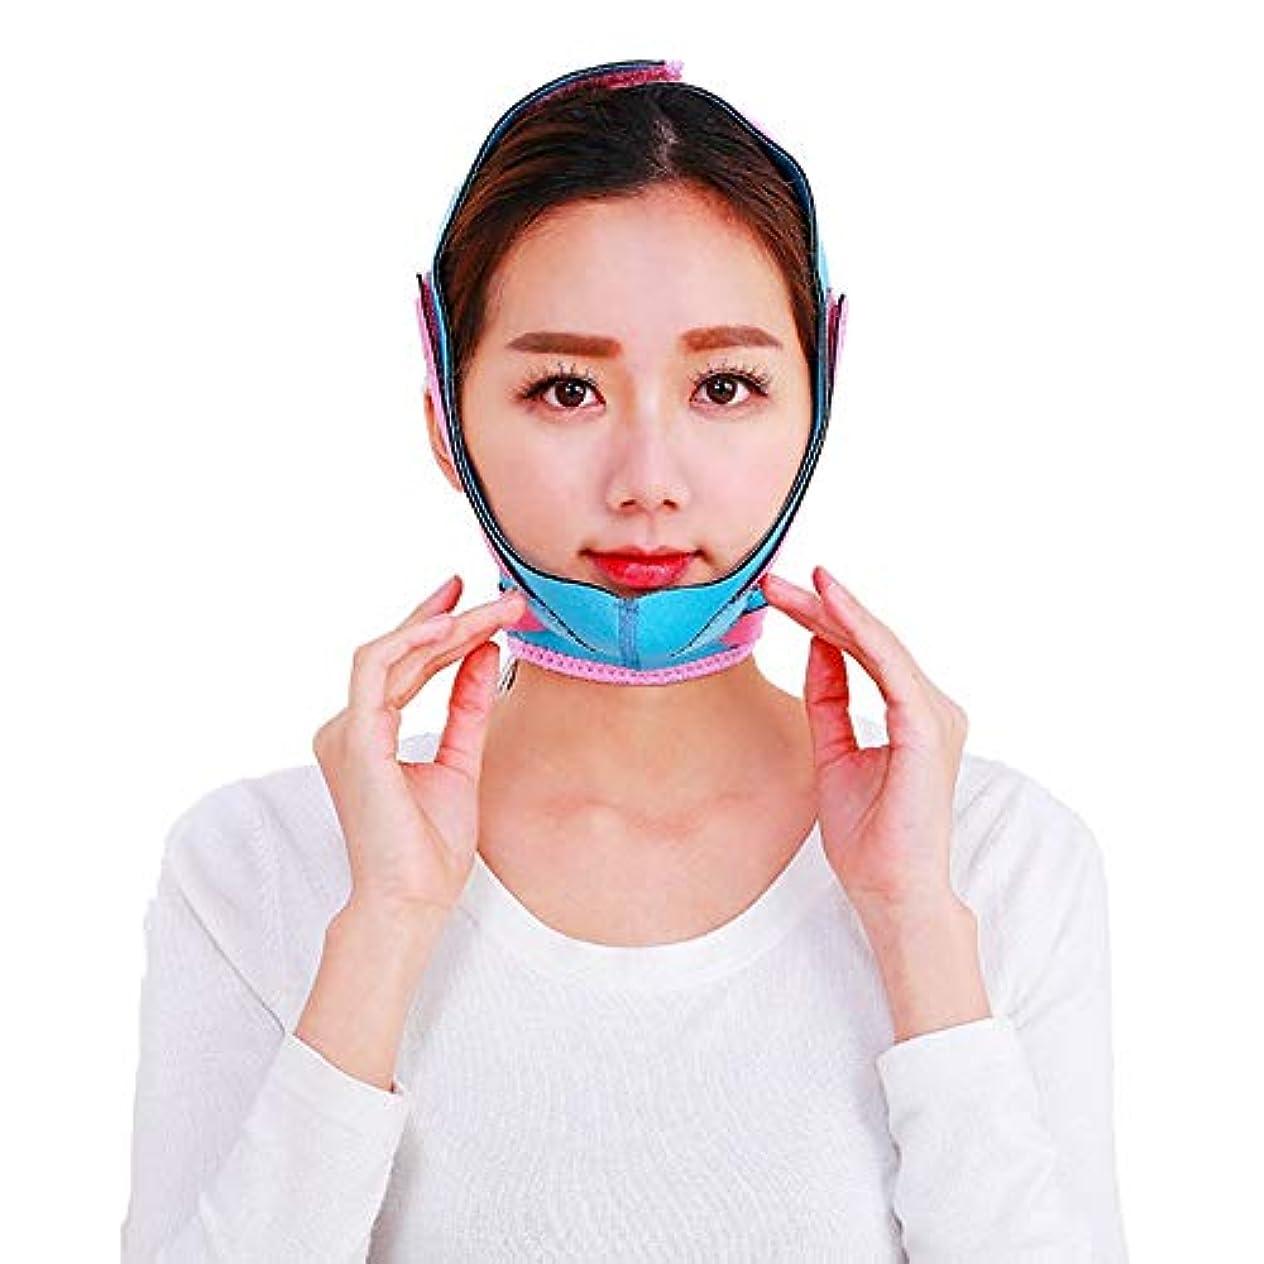 クスコ組み合わせラインナップ薄い顔のベルト - 薄い顔のベルト通気性のある顔の包帯前面のリフティングマスクVの顔薄い面の小さな持ち上げツール